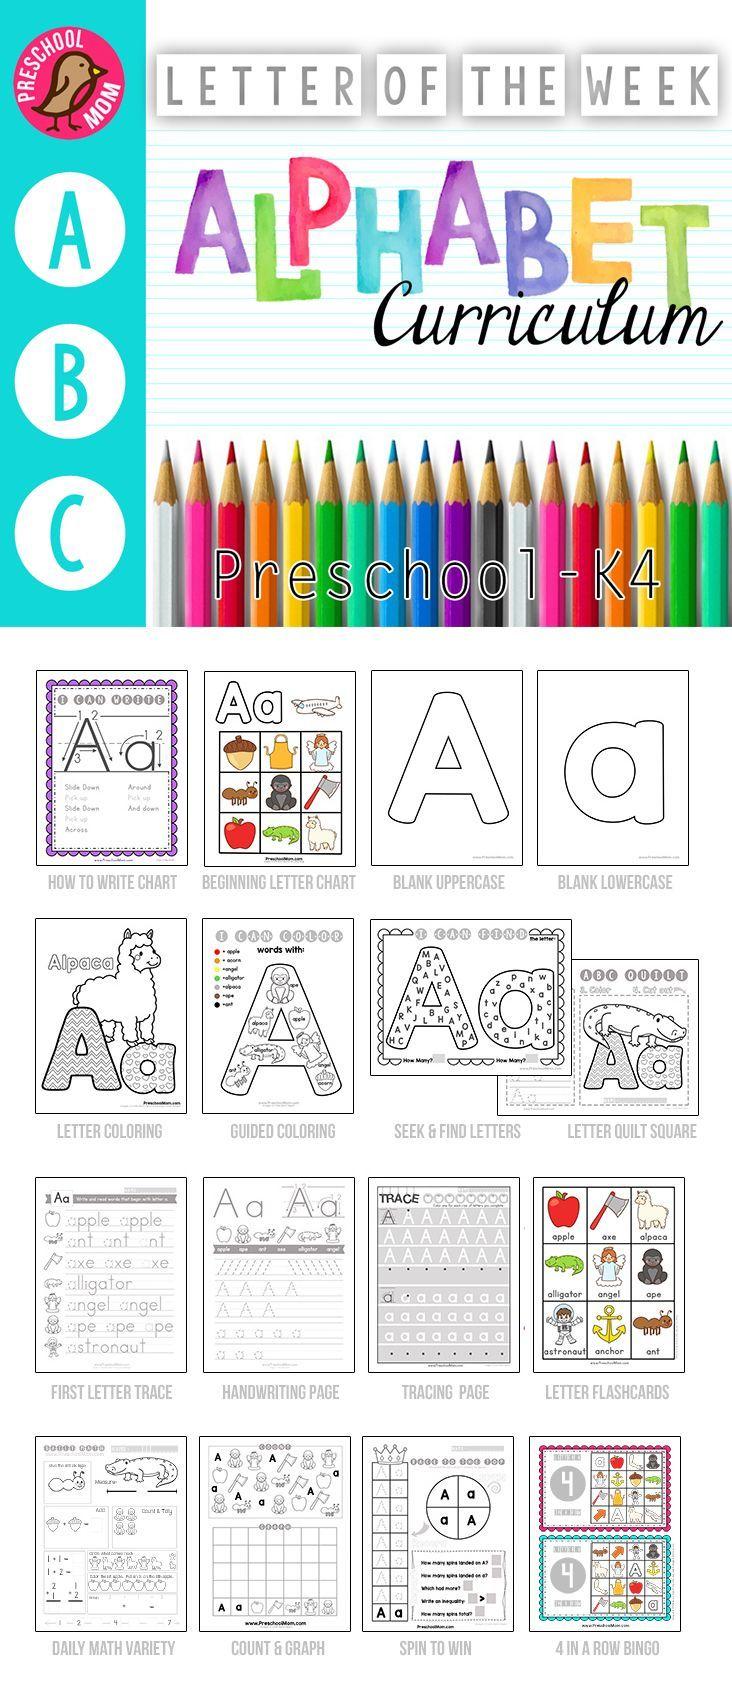 Worksheets Preschool Homeschool Worksheets letter of the week preschool curriculum worksheets curriculum